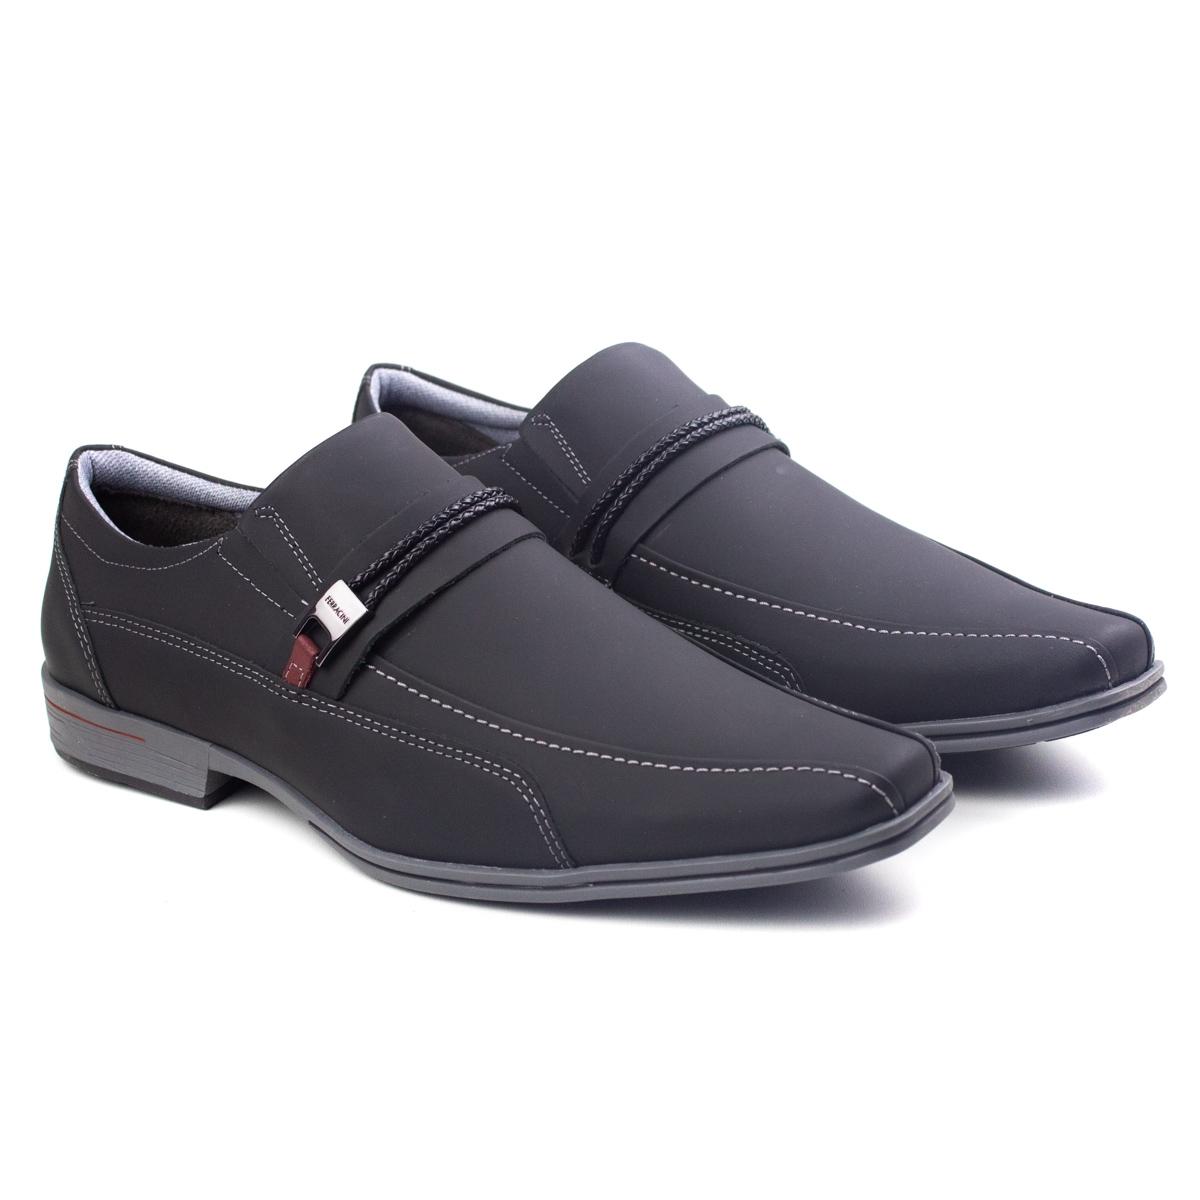 Sapato Veratti Calce Masculino Ferracini - Preto